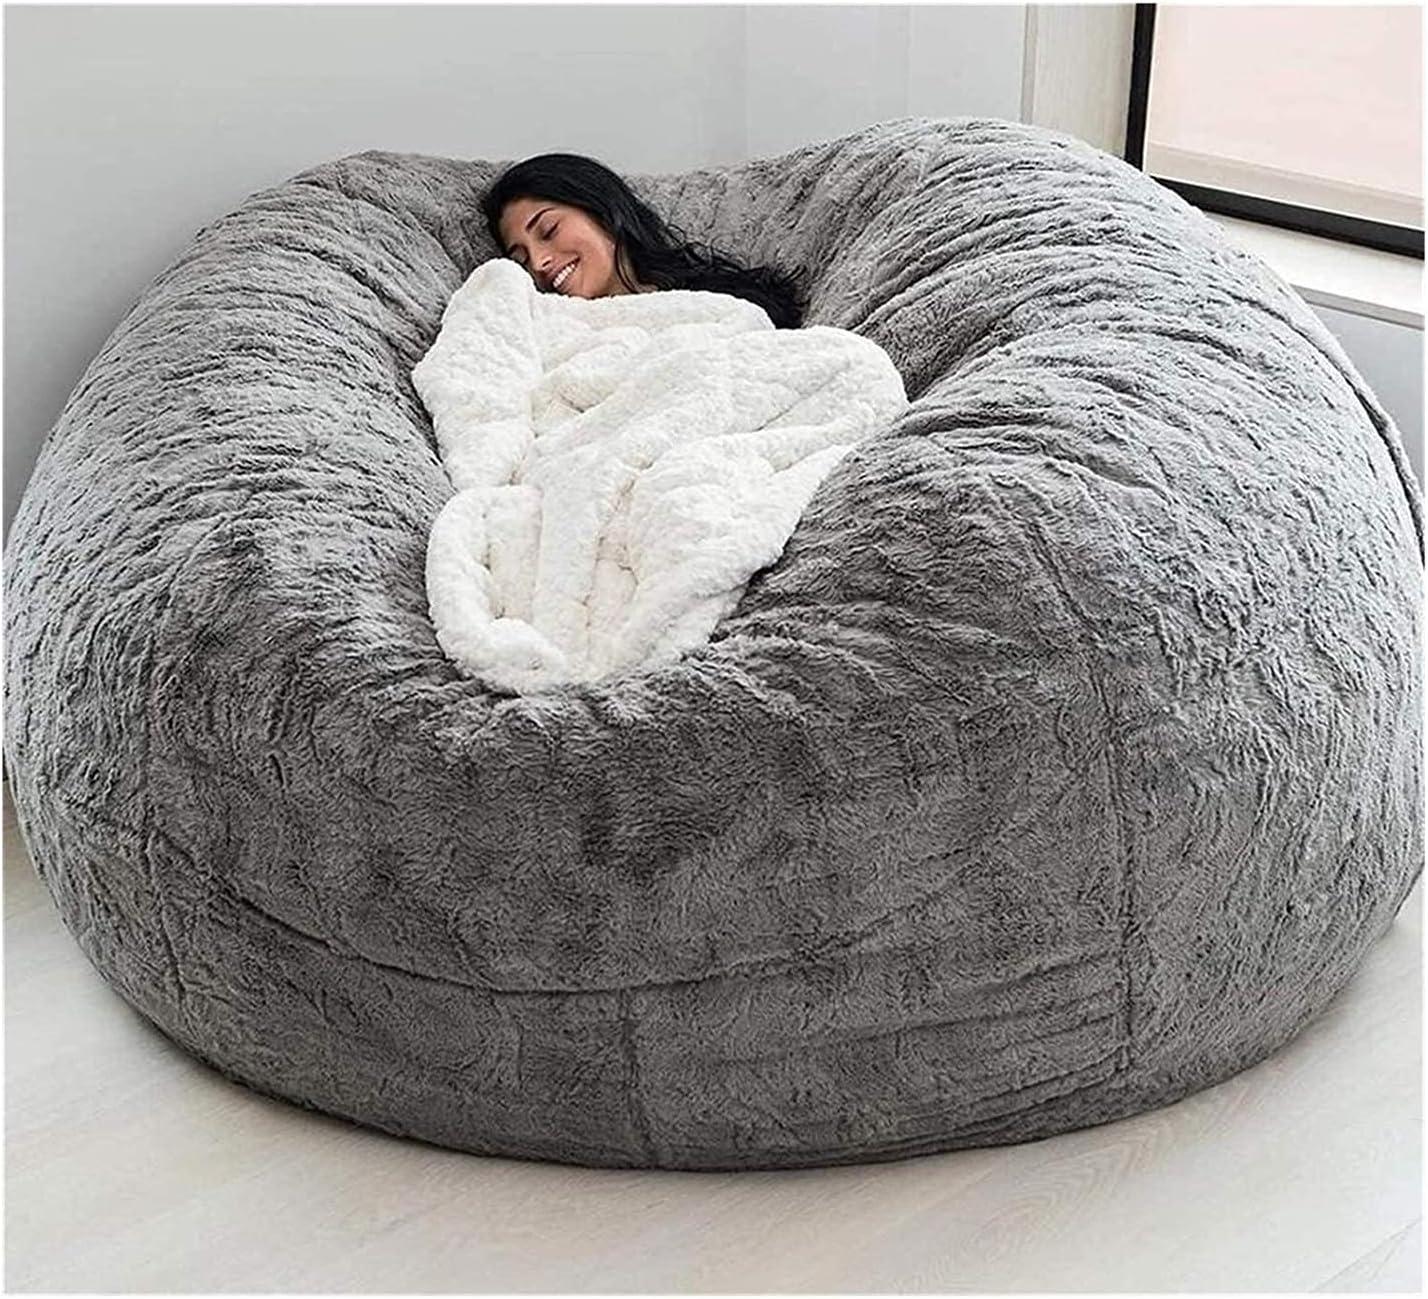 Max 83% OFF Comfortable High order Bean Bag Durable Chair Ch